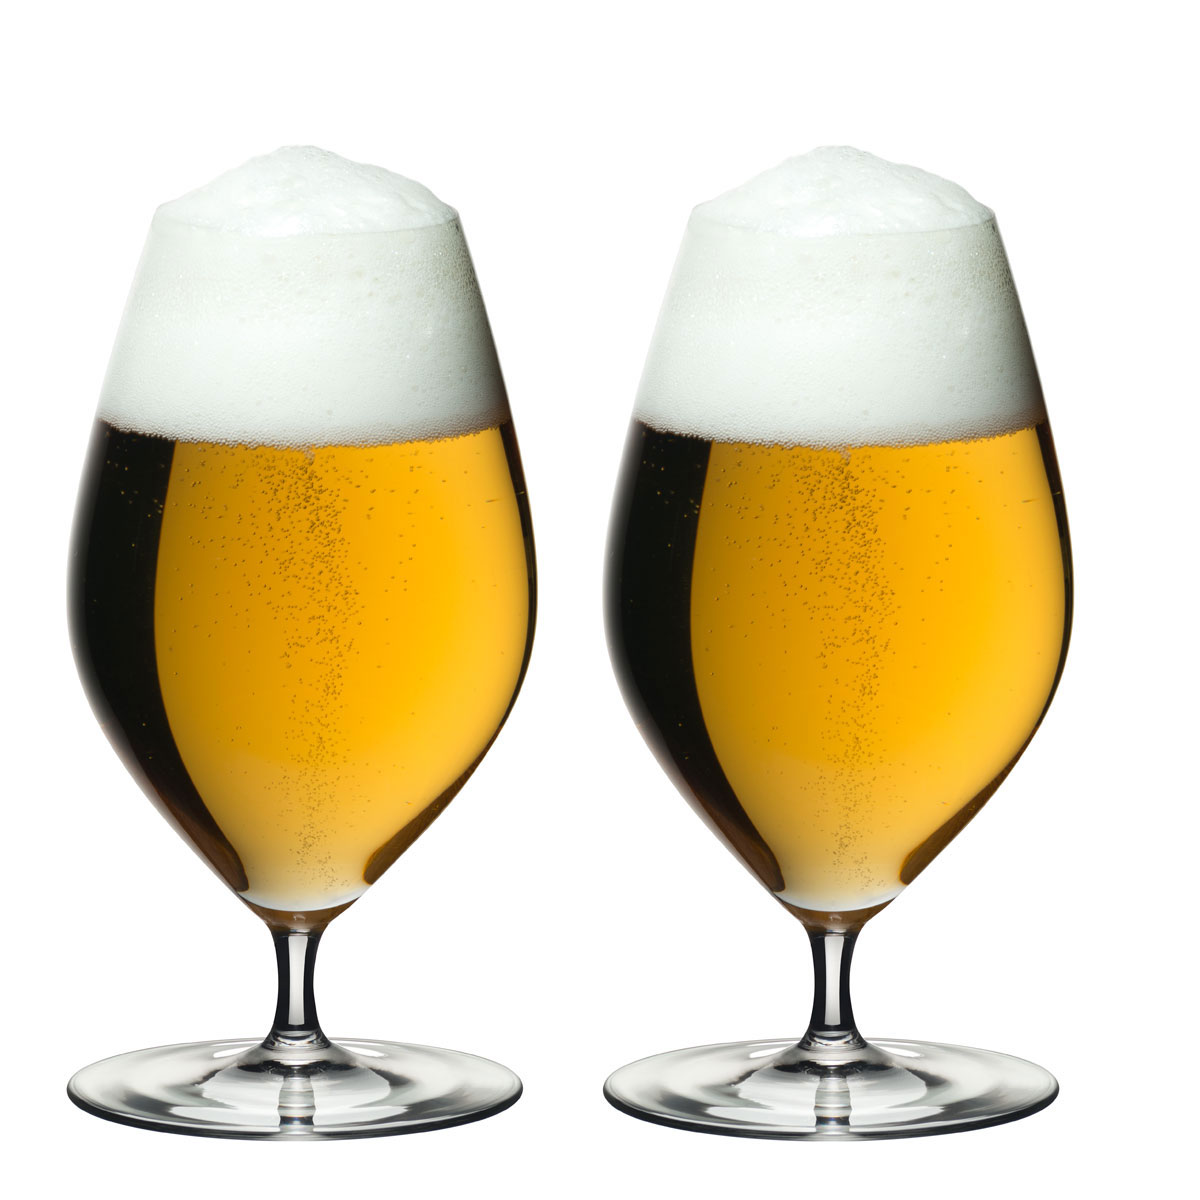 Riedel Veritas Crystal Beer Glasses, Pair